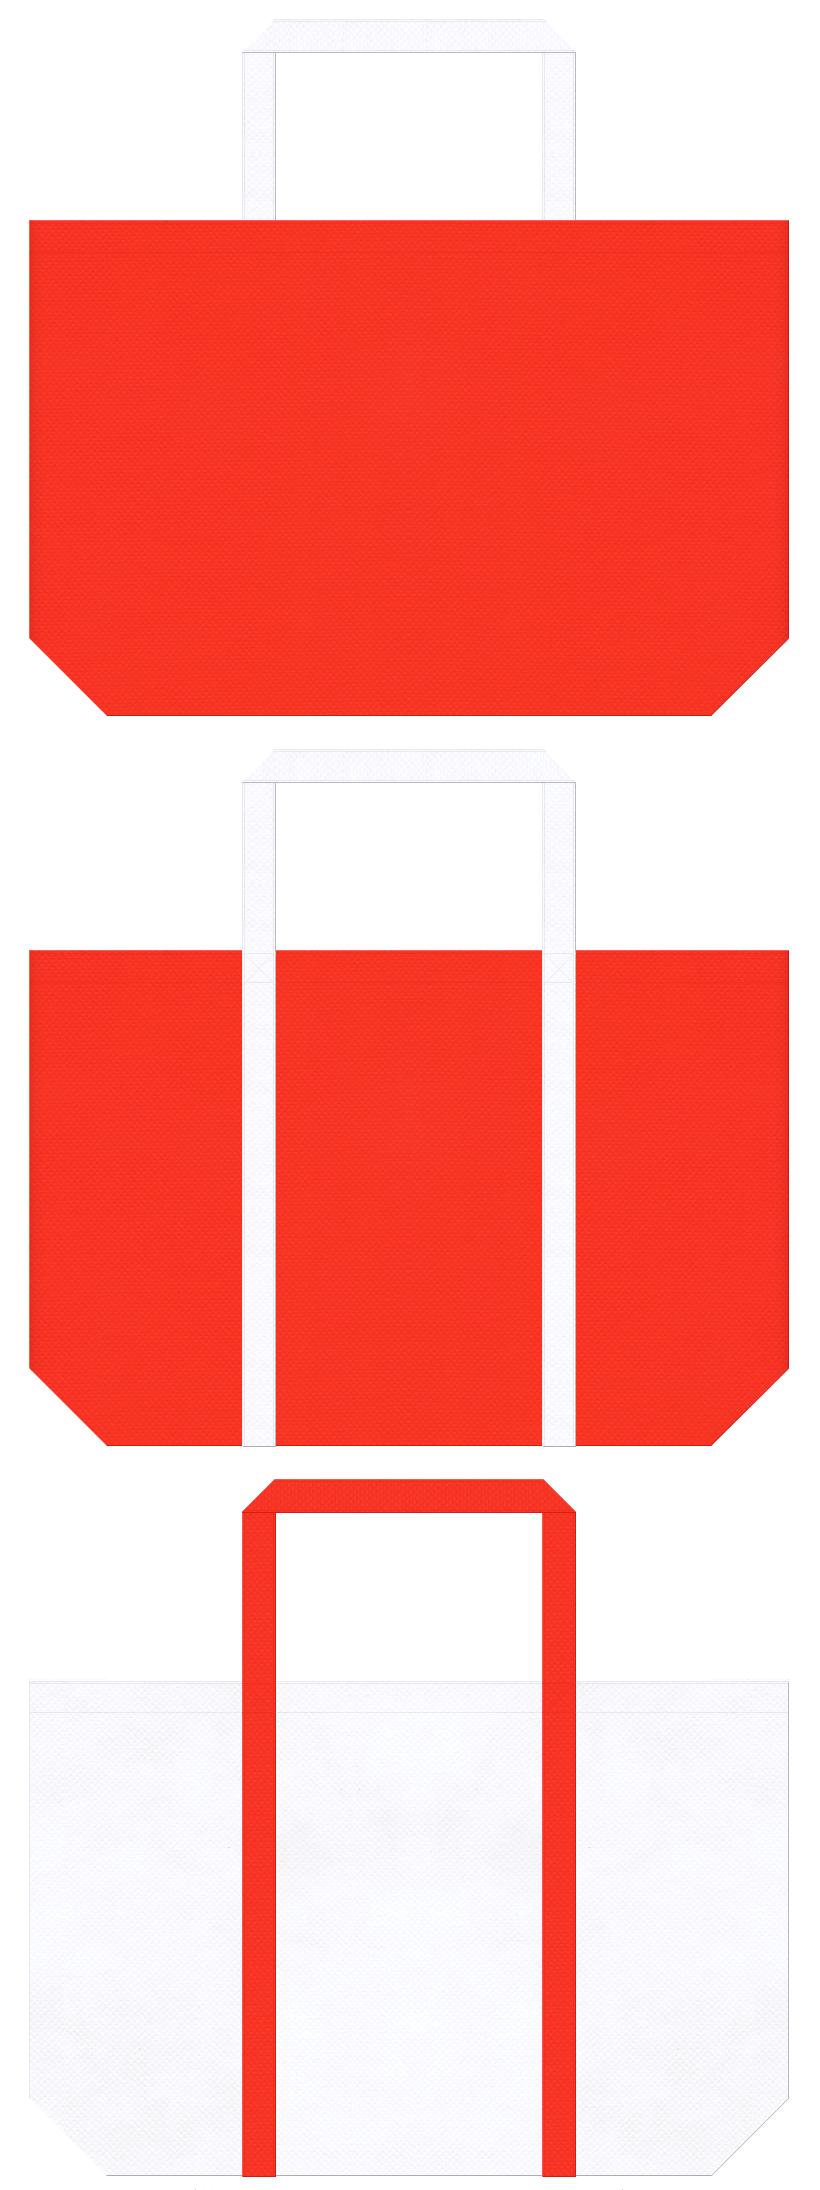 オレンジ色と白色の不織布ショッピングバッグデザイン。サプリメントの販促ノベルティにお奨めです。